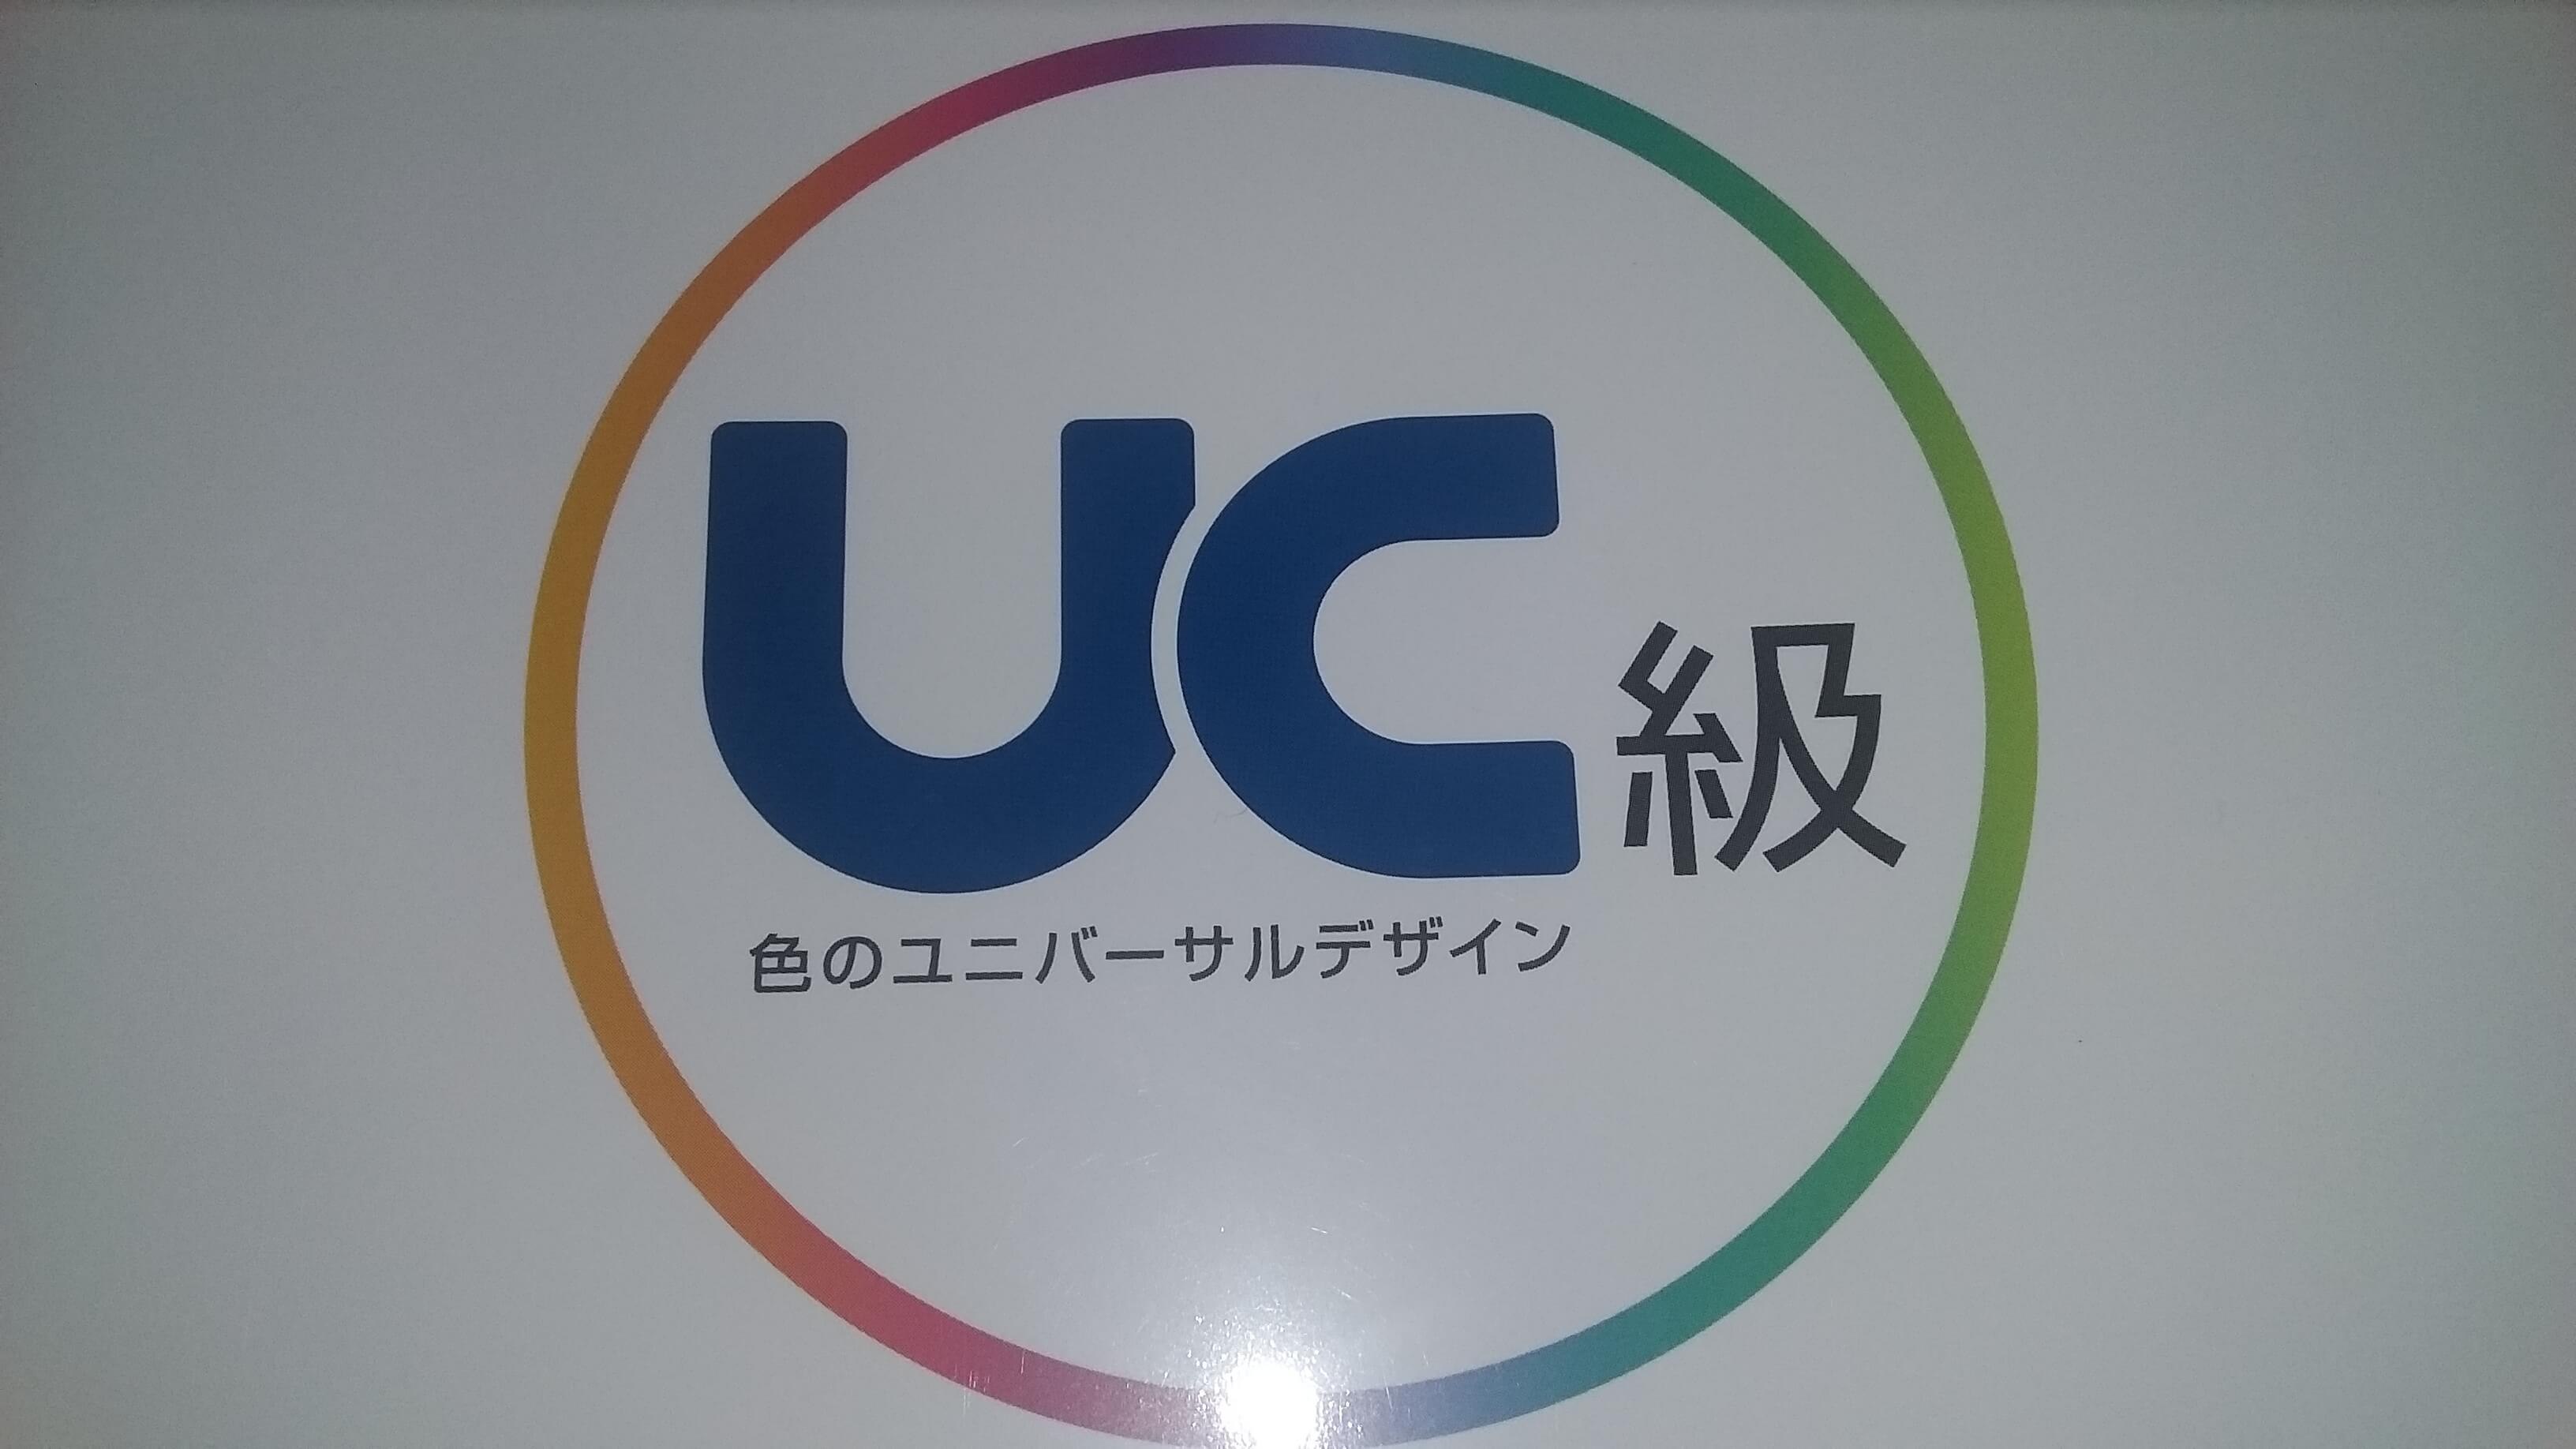 【☆合格方法☆】『色彩検定UC級』に一夜漬け(10時間程度)の勉強で一発合格する方法!